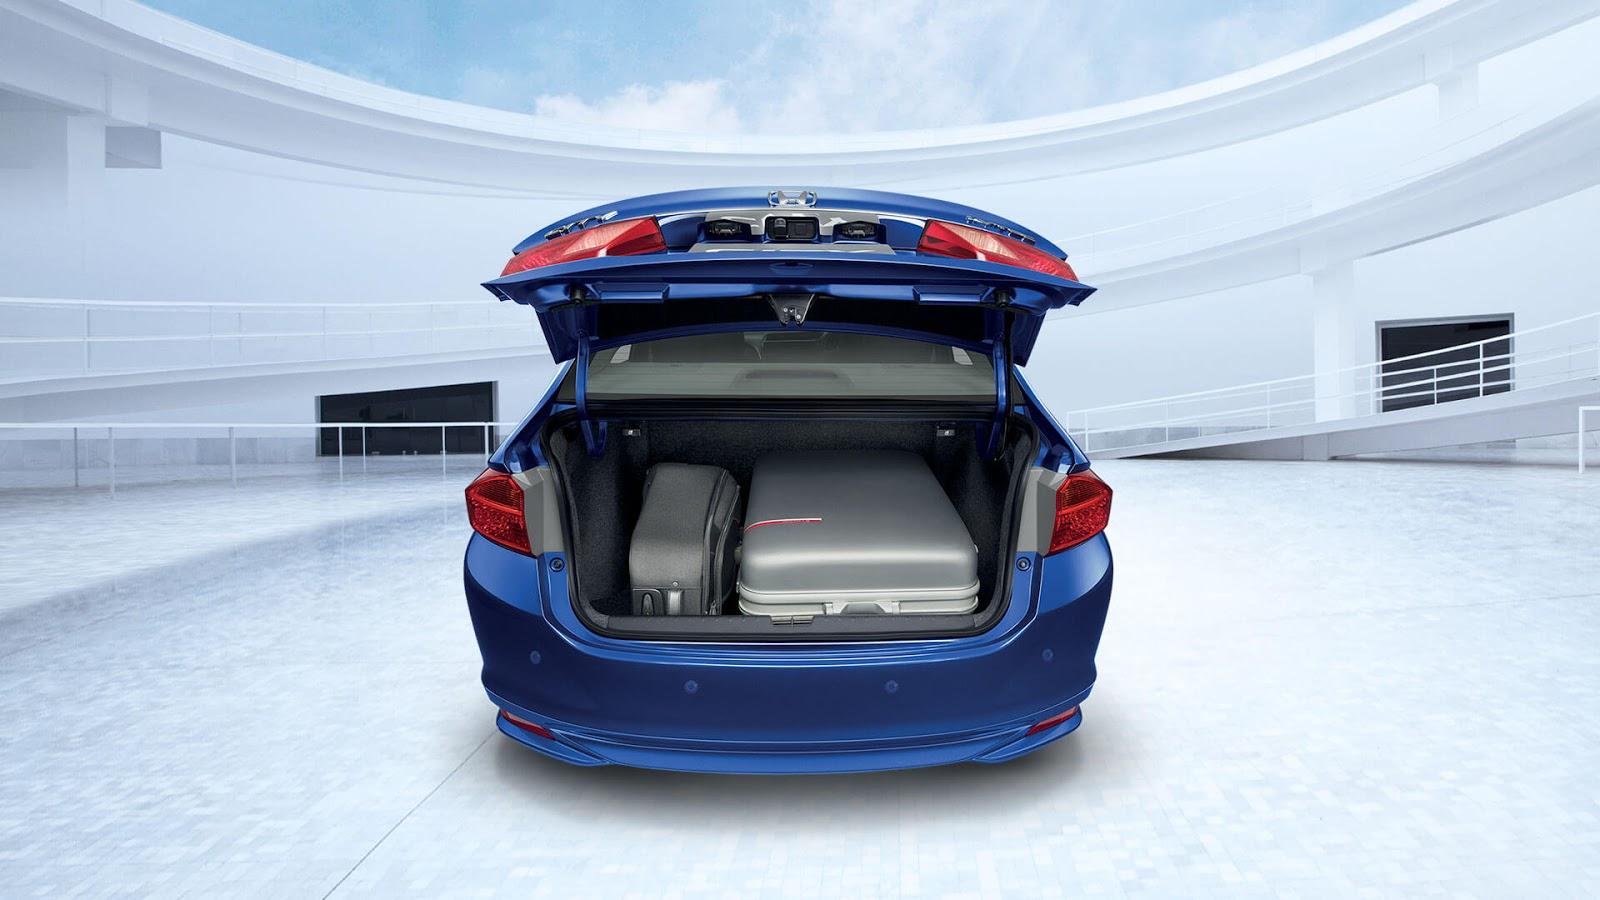 Cốp xe có thể chở được rất nhiều hàng bên trong